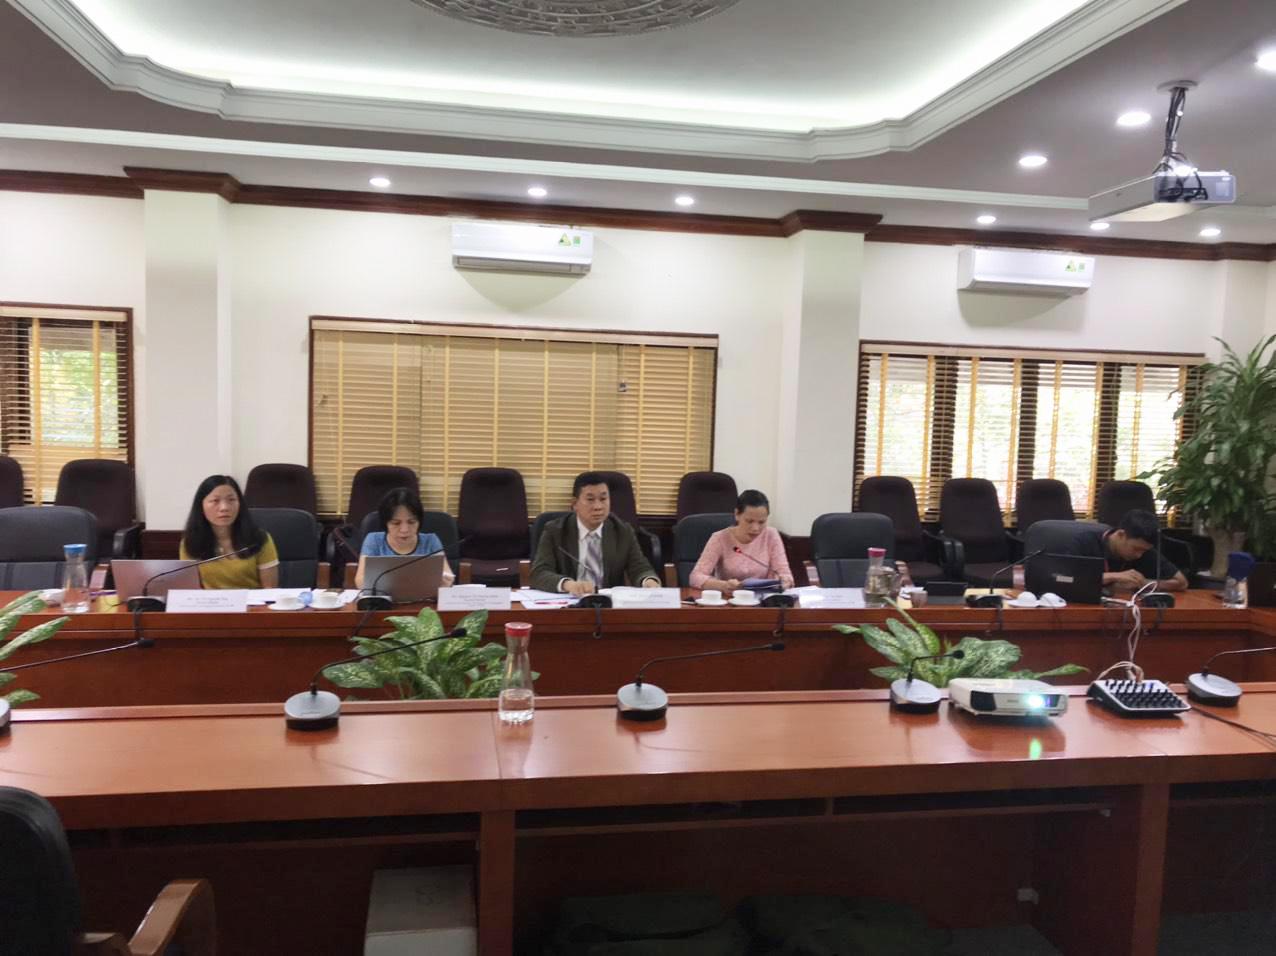 Phó Cục trưởng Trần Lê Hồng cùng các cán bộ Cục Sở hữu trí tuệ tham dự Diễn đàn trực tuyến giữa Cục với doanh nghiệp châu Âu.